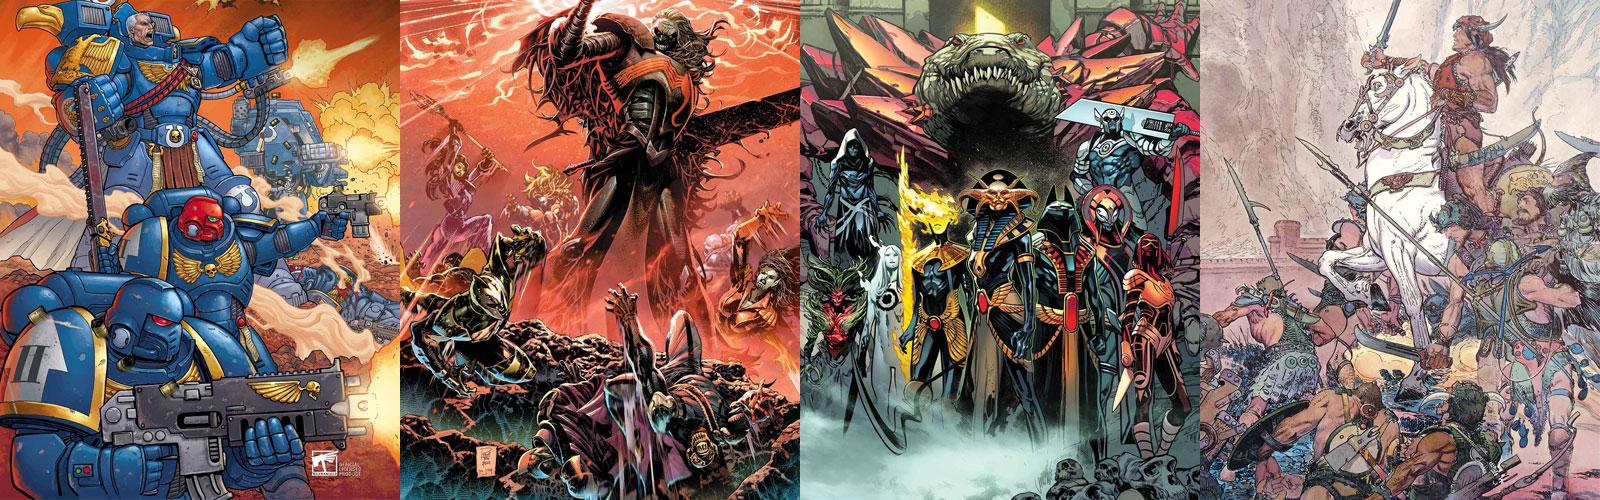 Solicitations: October 2020 – Marvel Comics